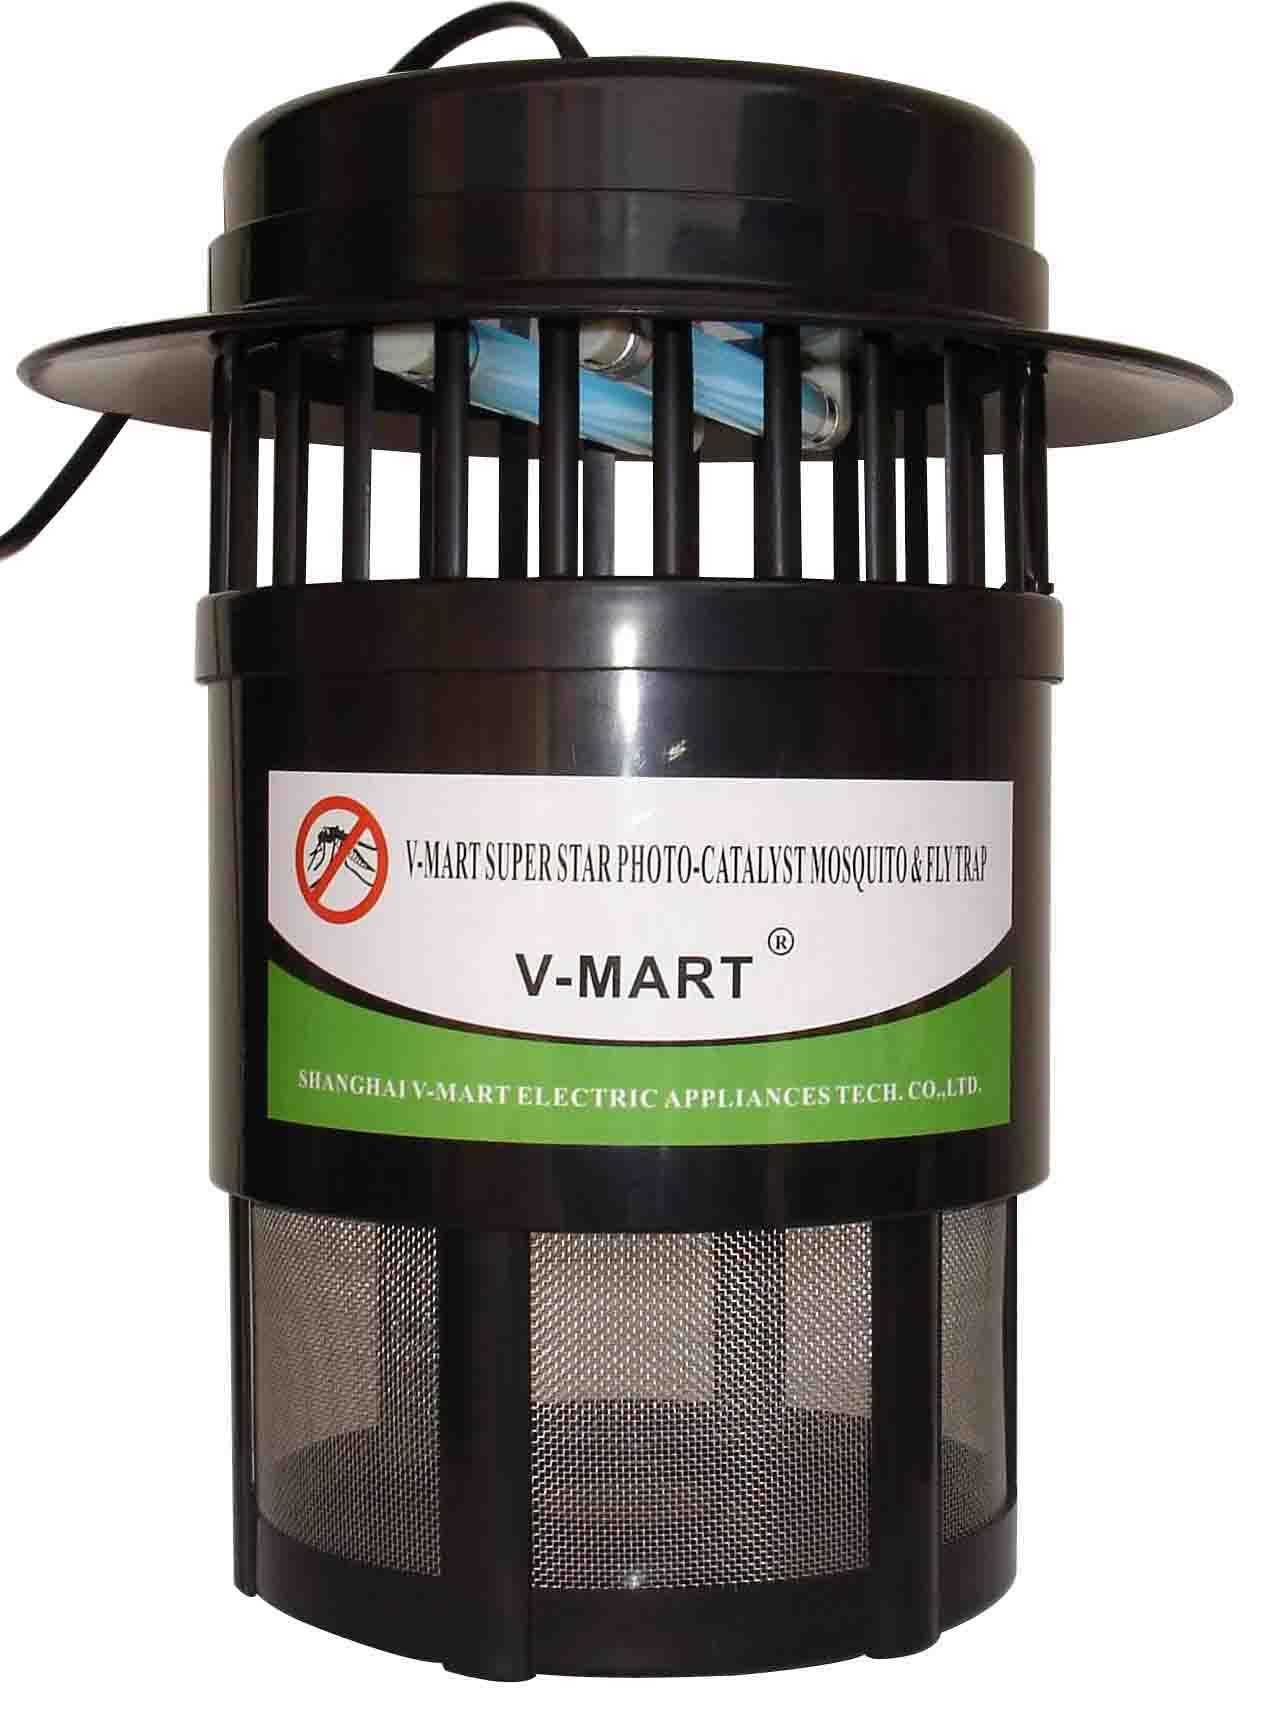 滅蚊器V-MART01